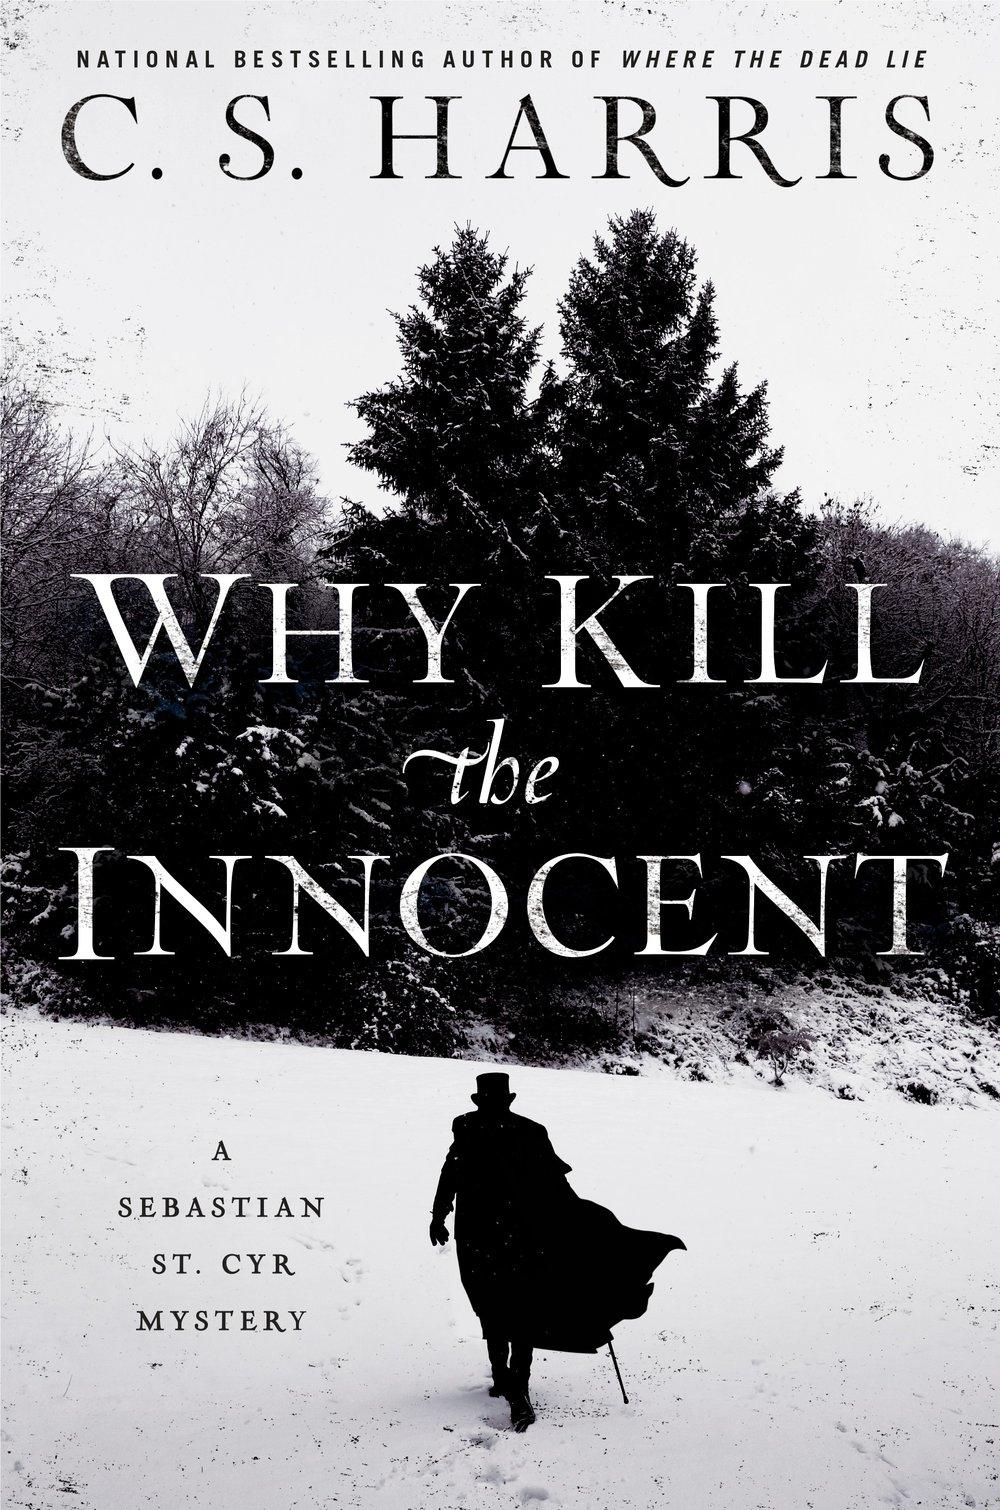 why kill the innocent by cs harris.jpg